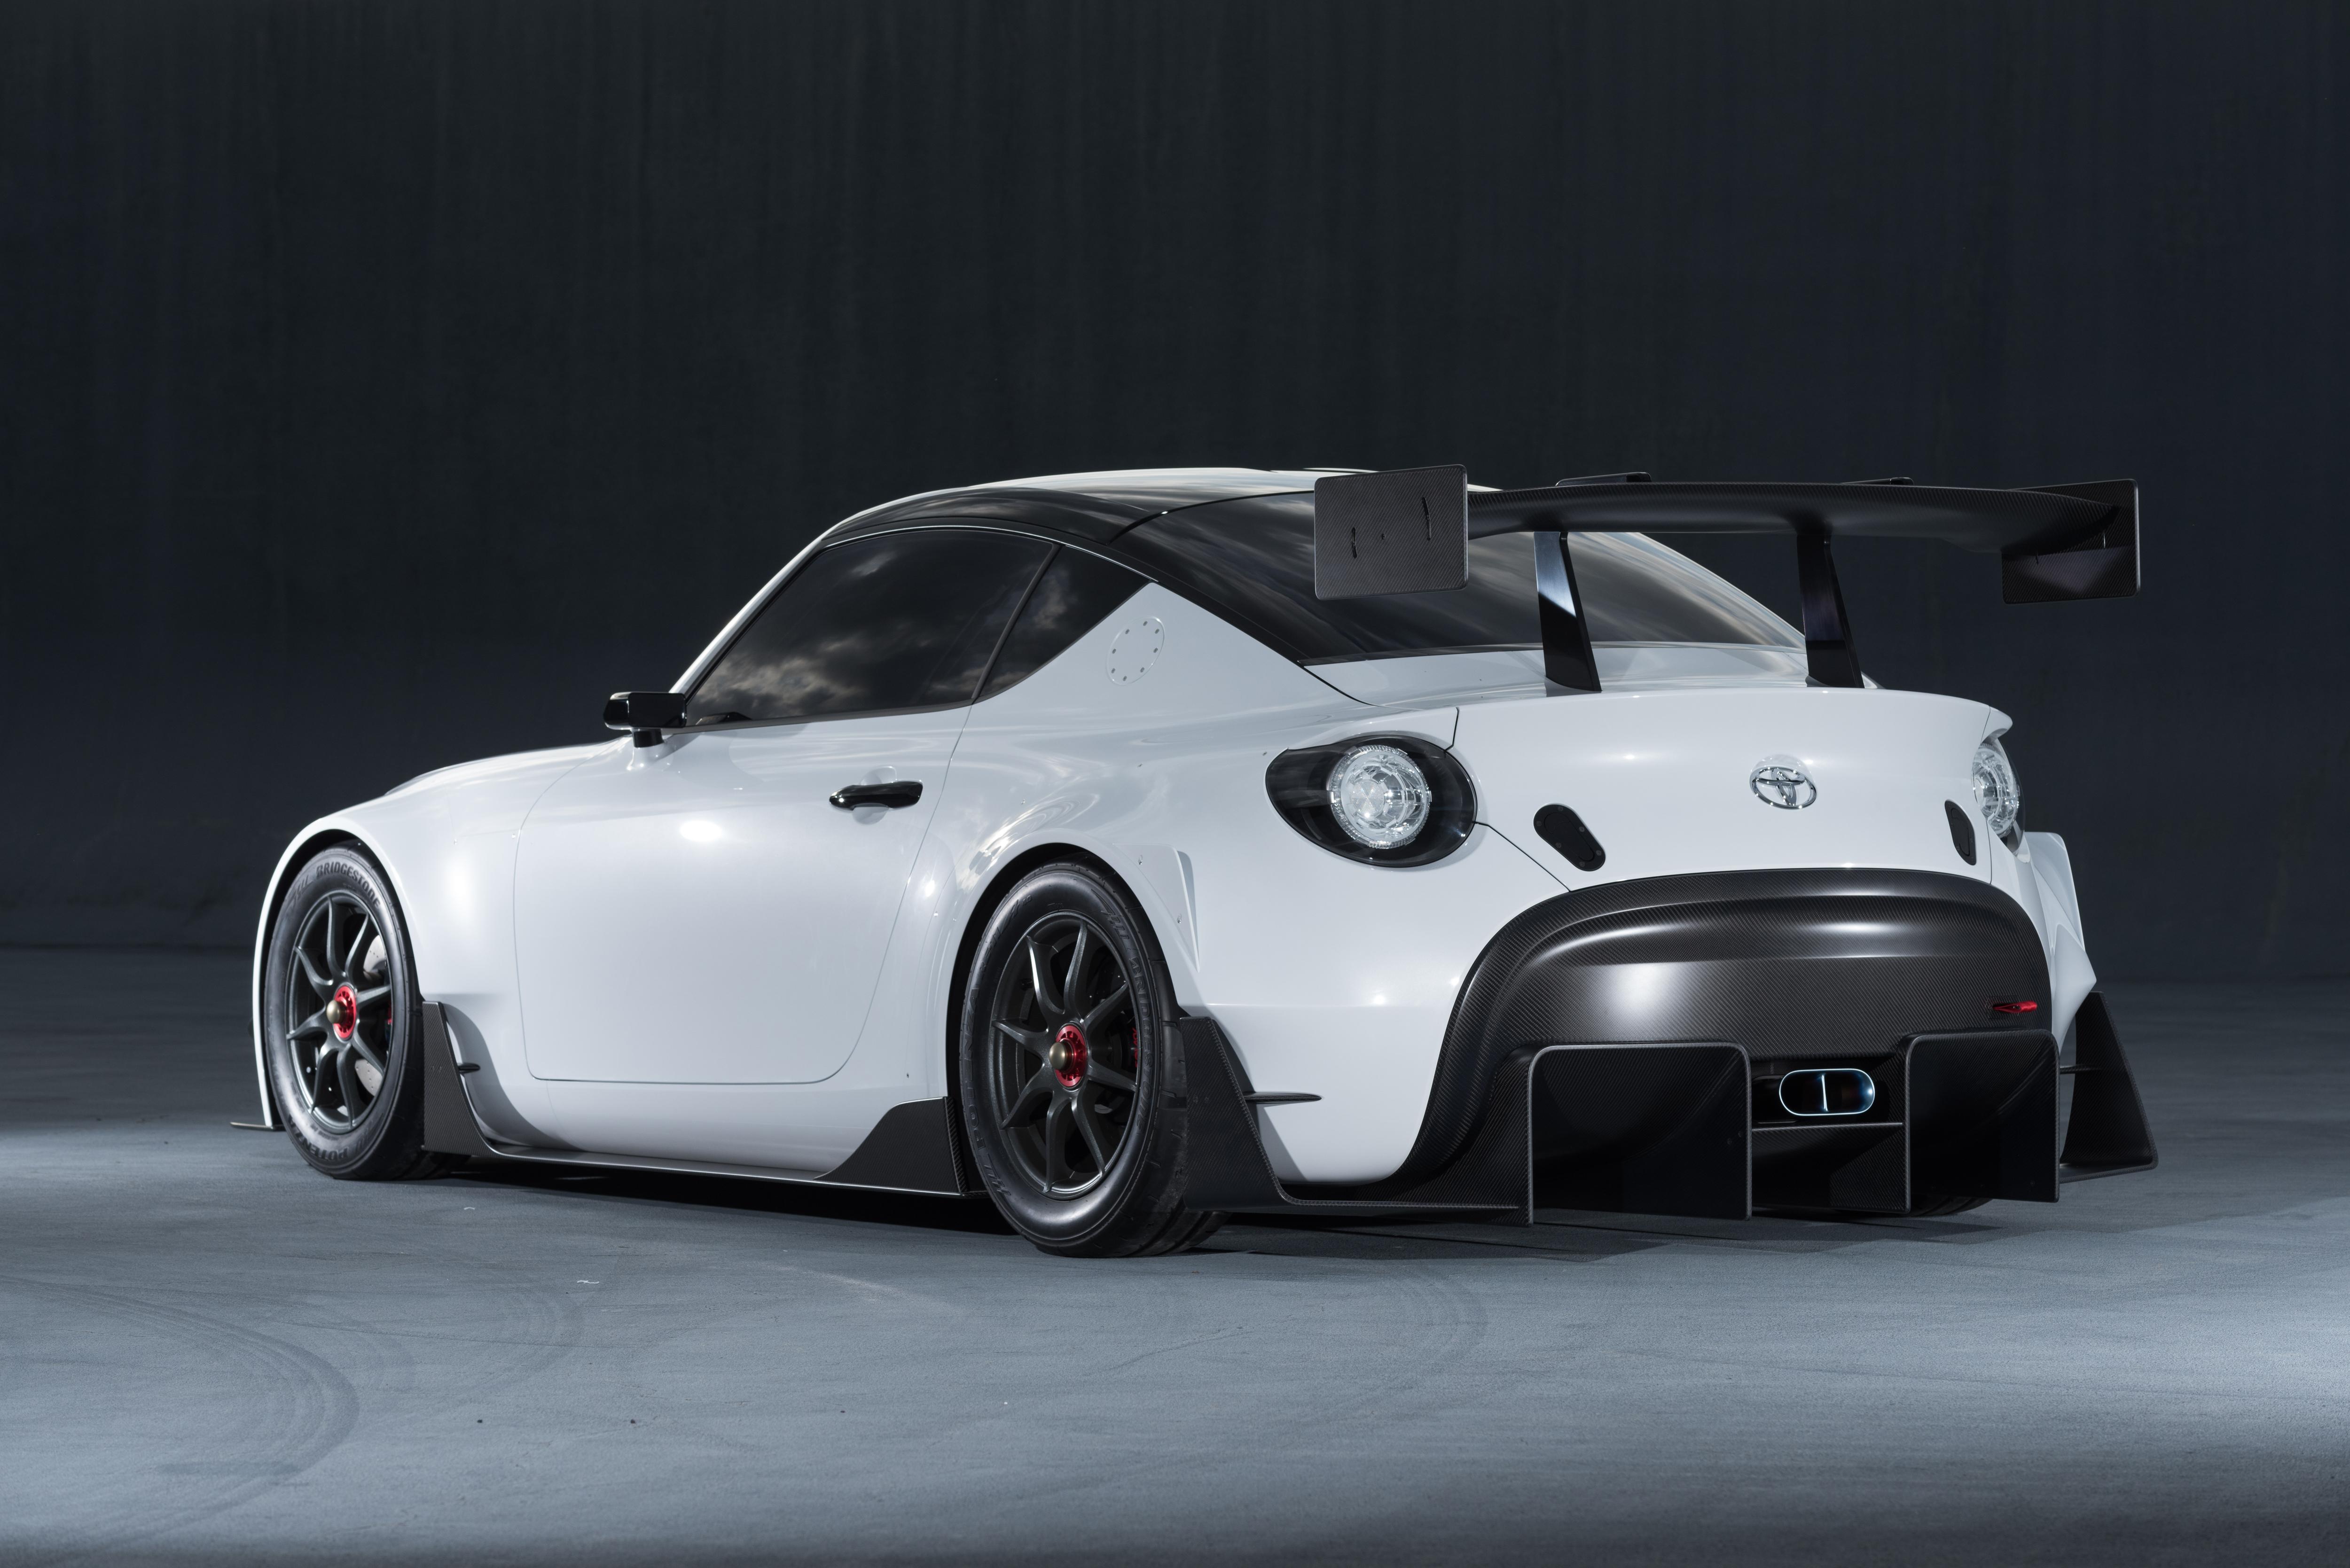 Selv om der er kulfiber i hækvingen på S-FR, er den ikke så dominerende - eller imponerende som hækvingen på den sidste Toyota Supra.